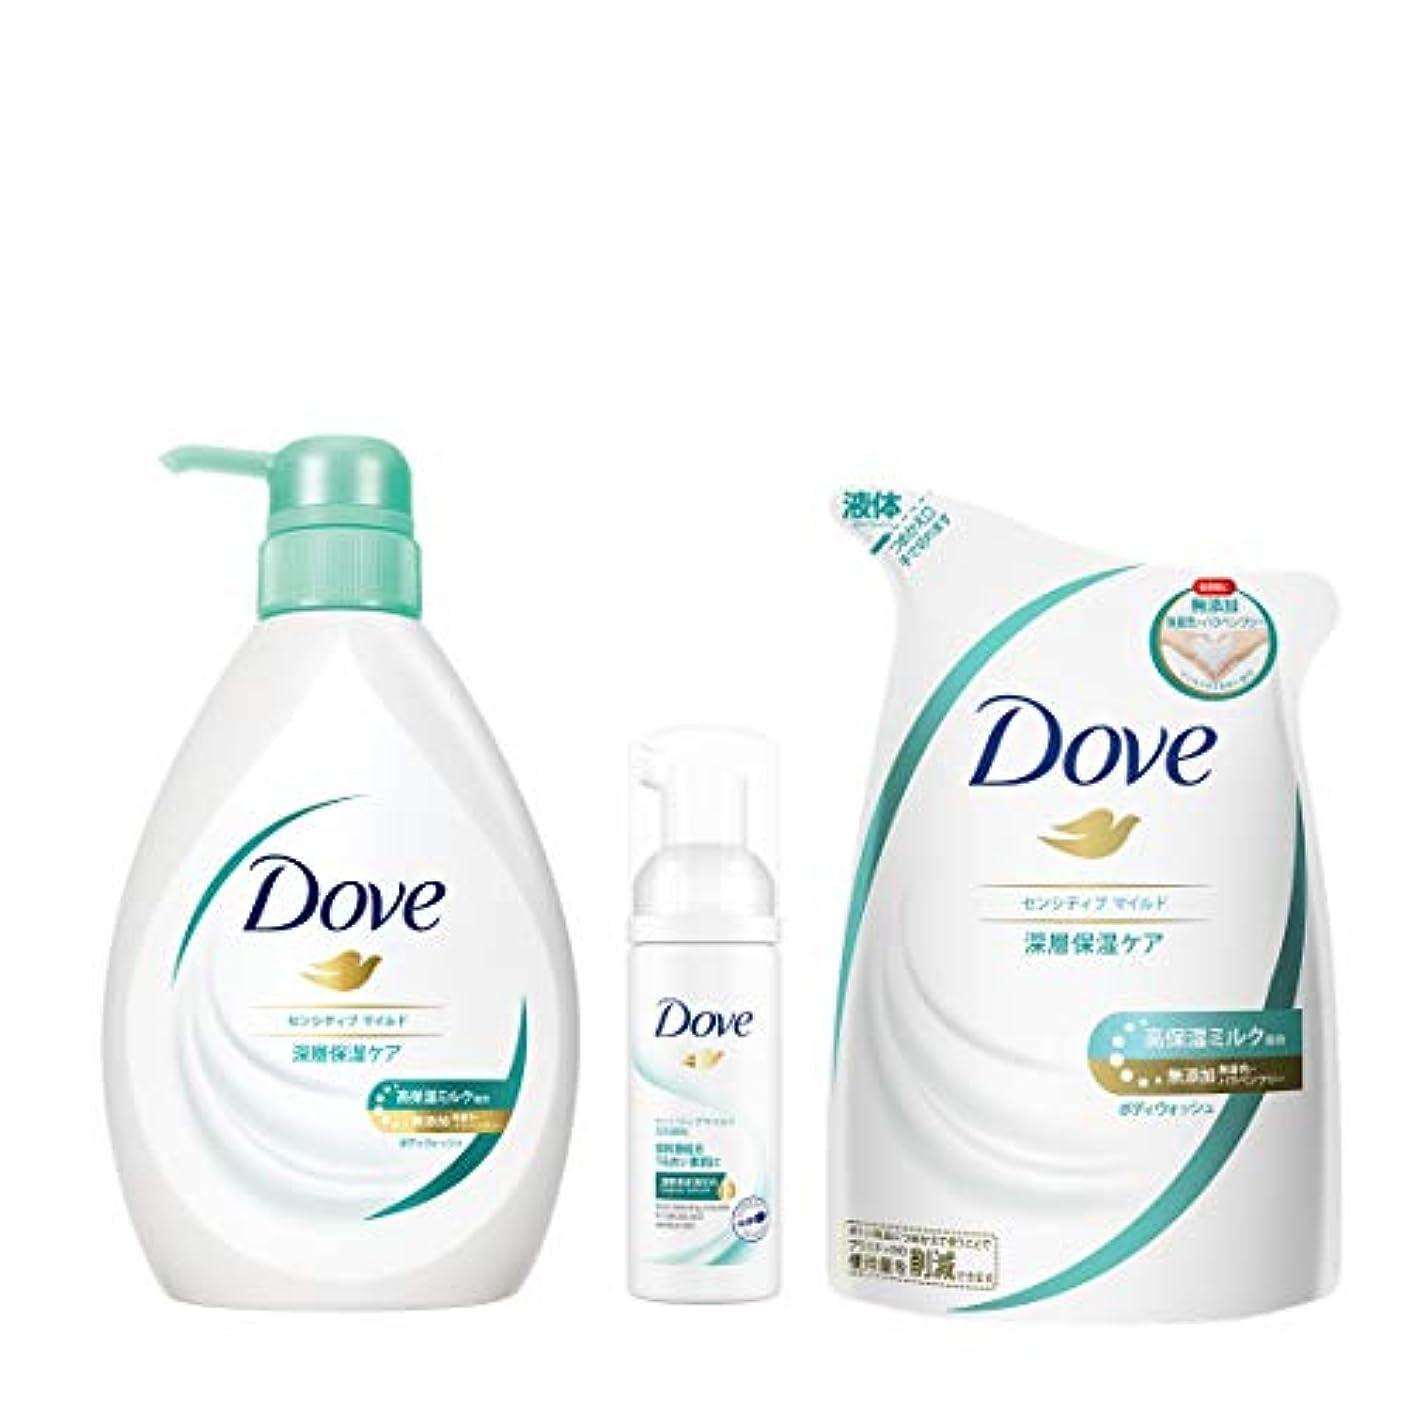 ストラトフォードオンエイボン検査求人【Amazon.co.jp限定】 Dove(ダヴ) ダヴBWセンシティブマイルド ポンプ+替え+おまけ ボディソープ 500g+360+おまけ付